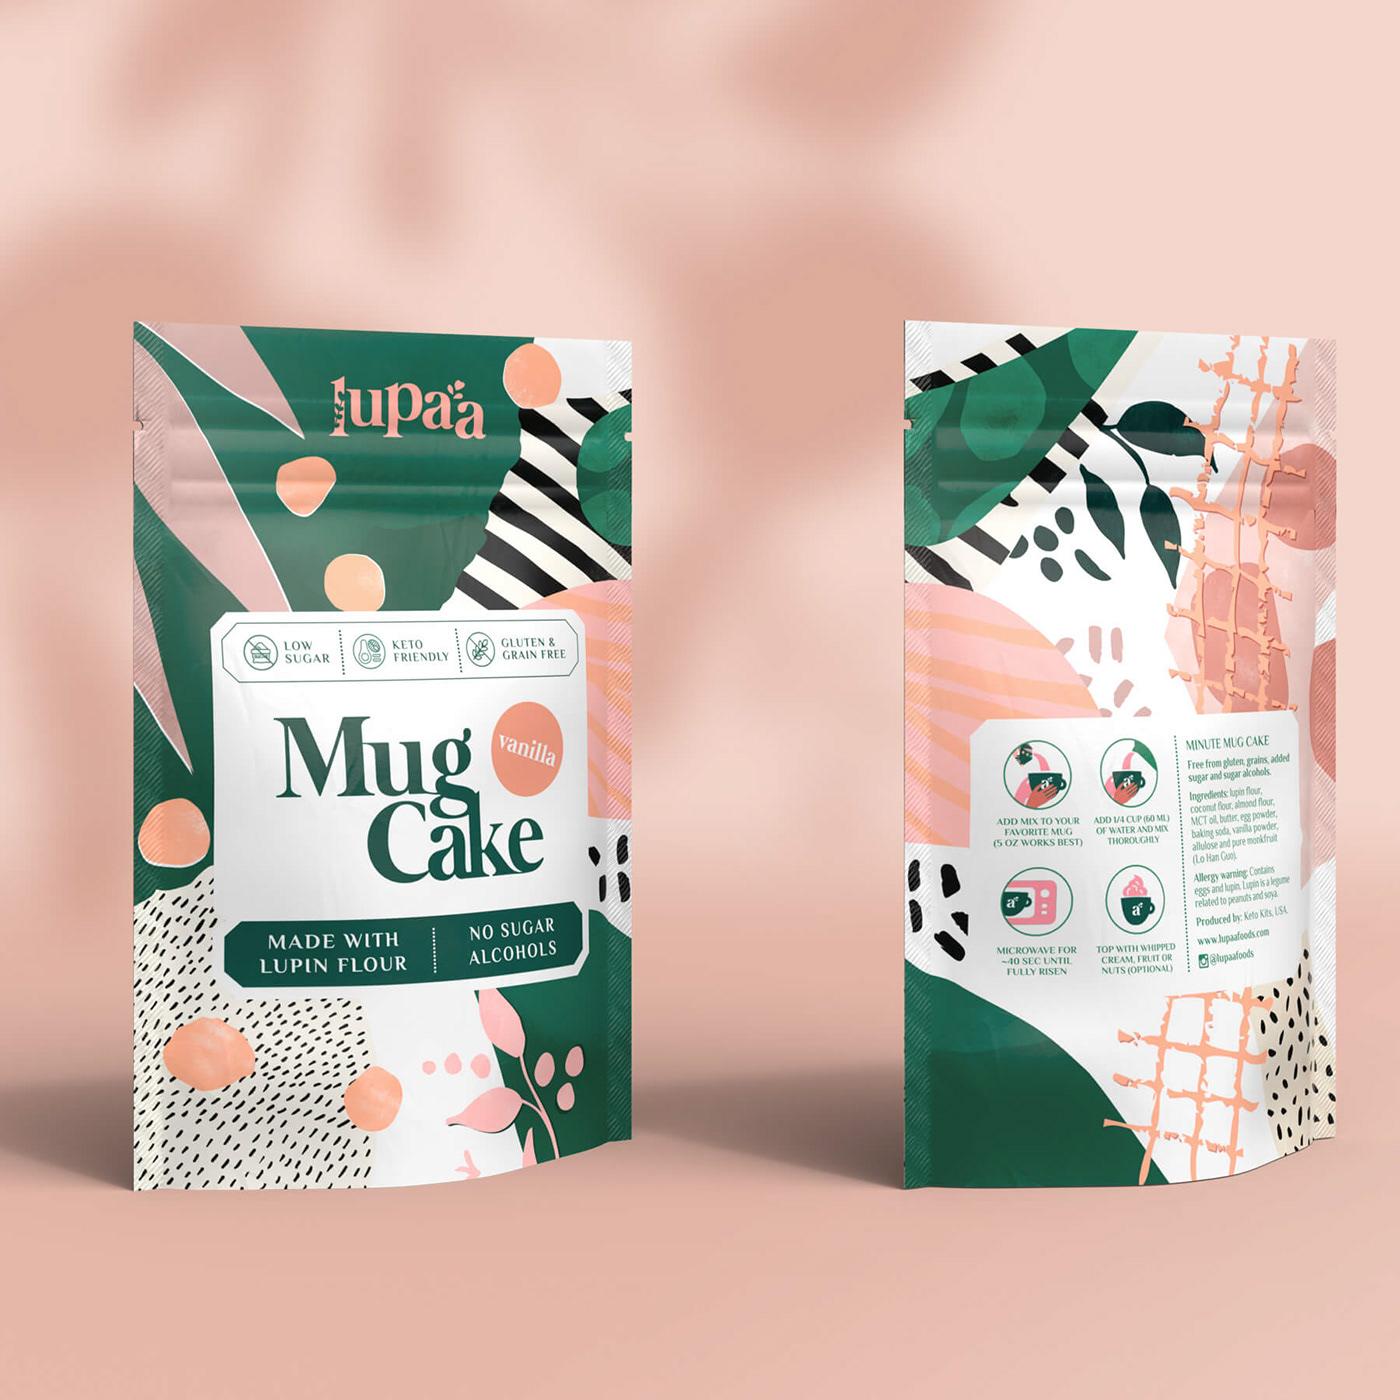 baking cupcake flour Food Packaging mug cake Packaging pouch